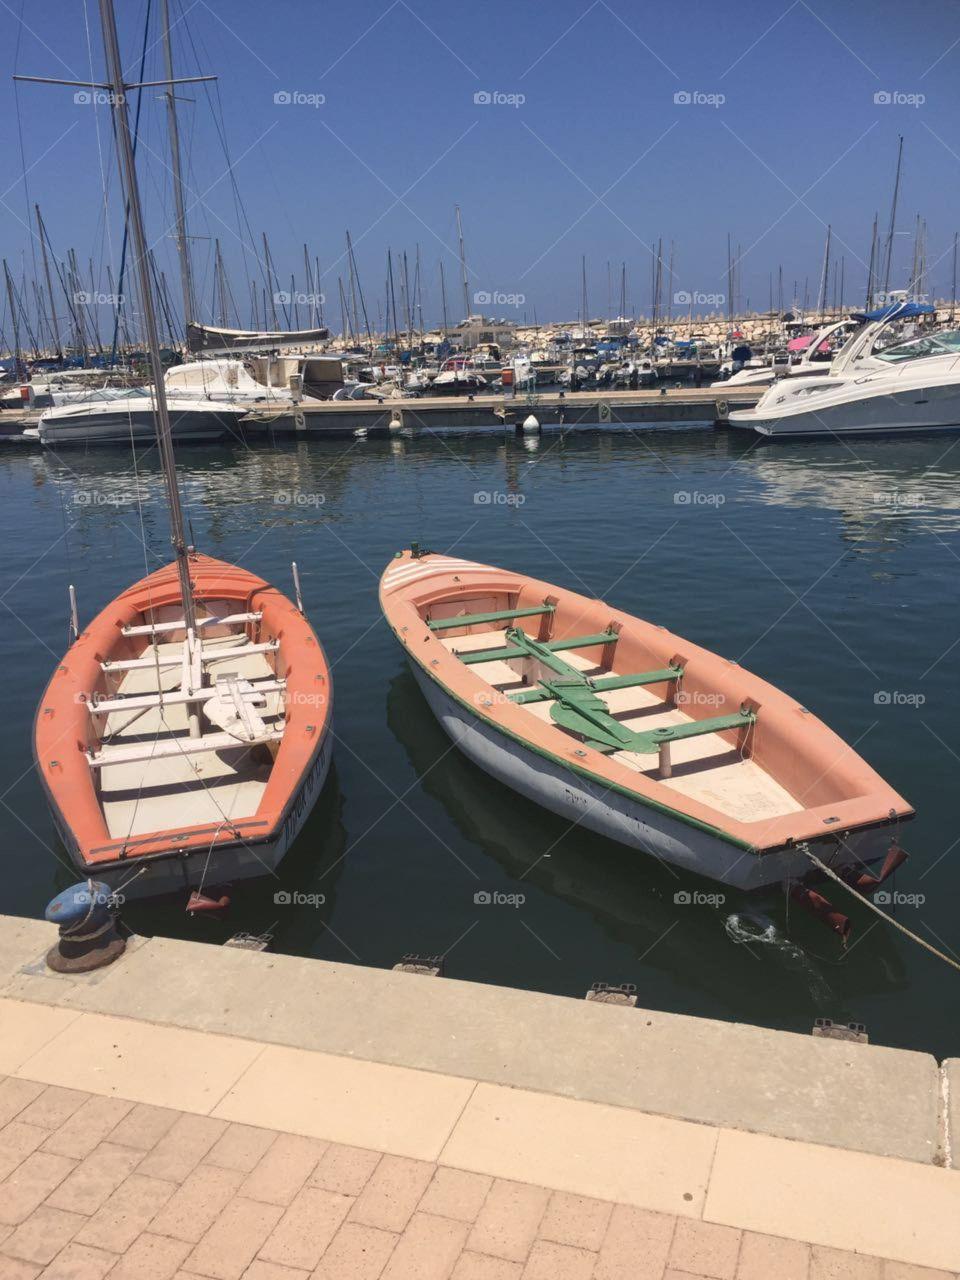 Sail boats at Marine school